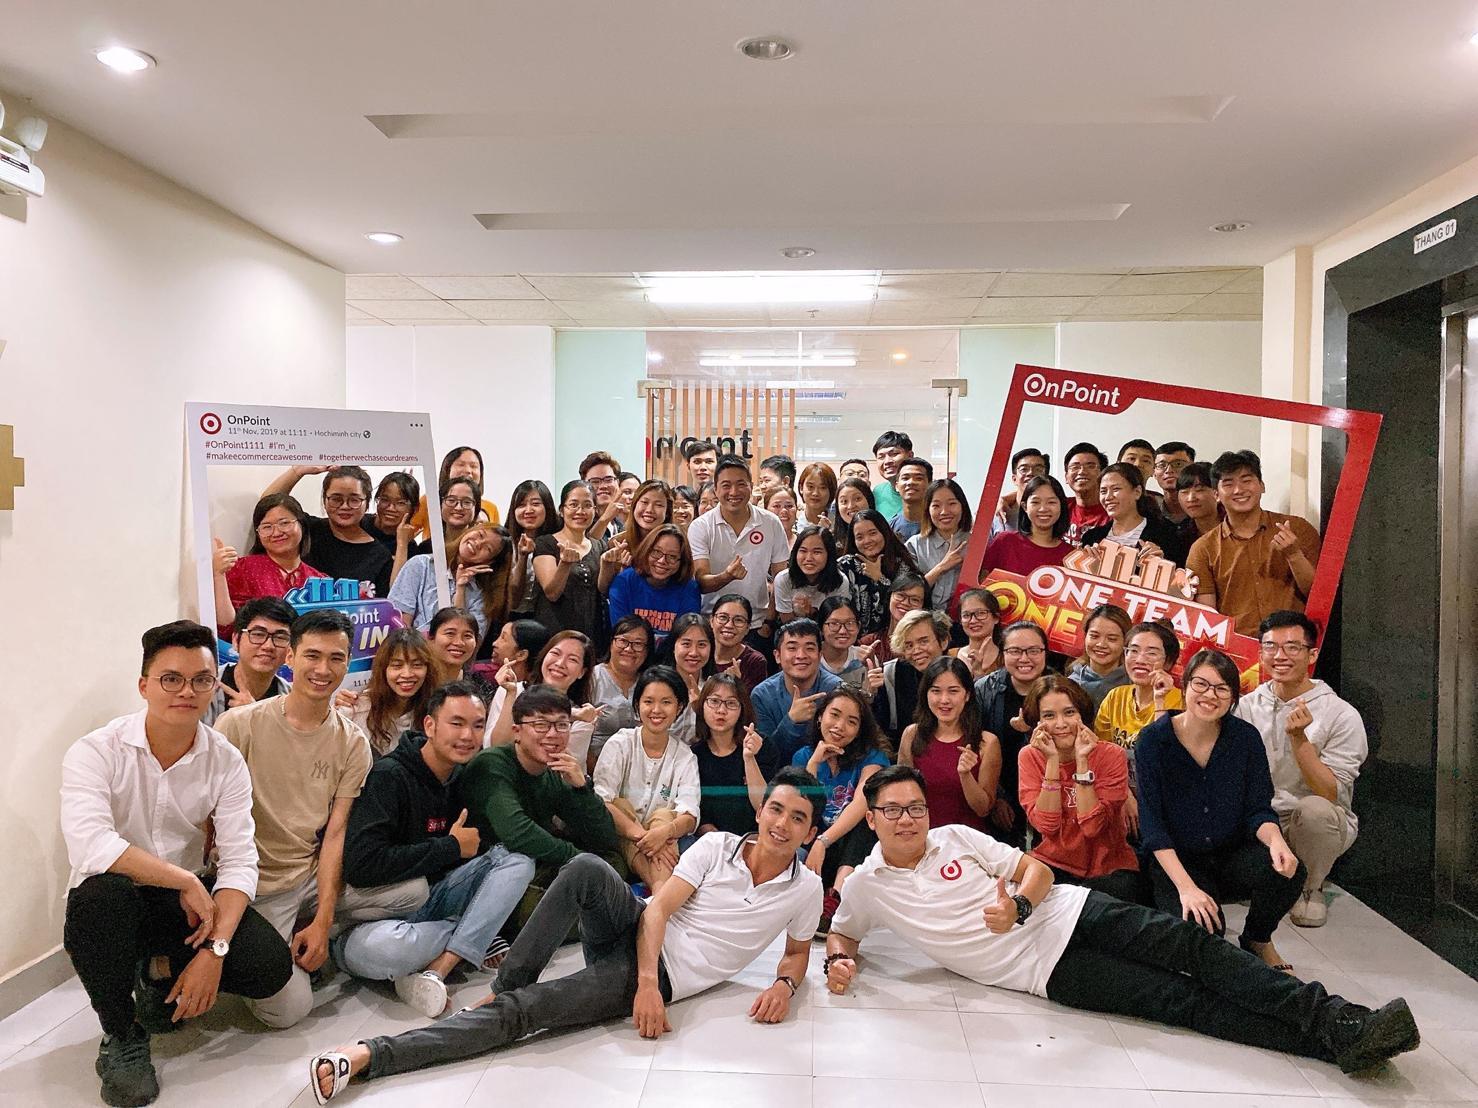 Thế lực 'Lazada Mafia': Cựu nhân sự Lazada thành lập hàng chục startup đình đám Châu Á - Ảnh 9.